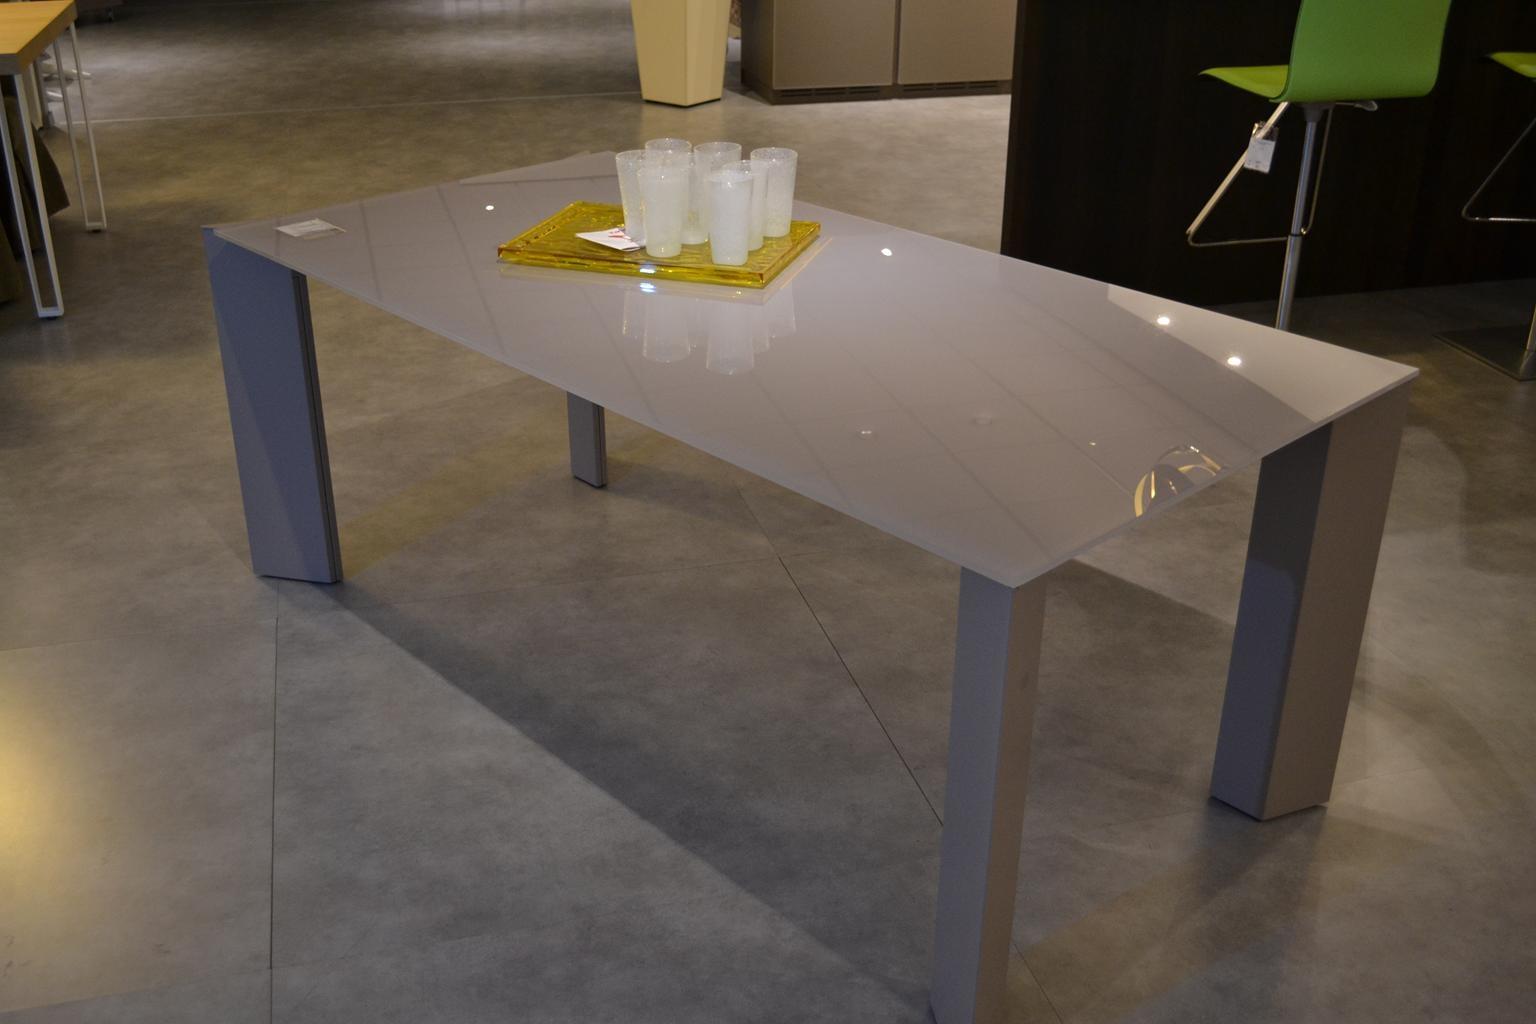 Tavolo cattelan brera allungabili tavoli a prezzi scontati for Outlet tavoli moderni allungabili